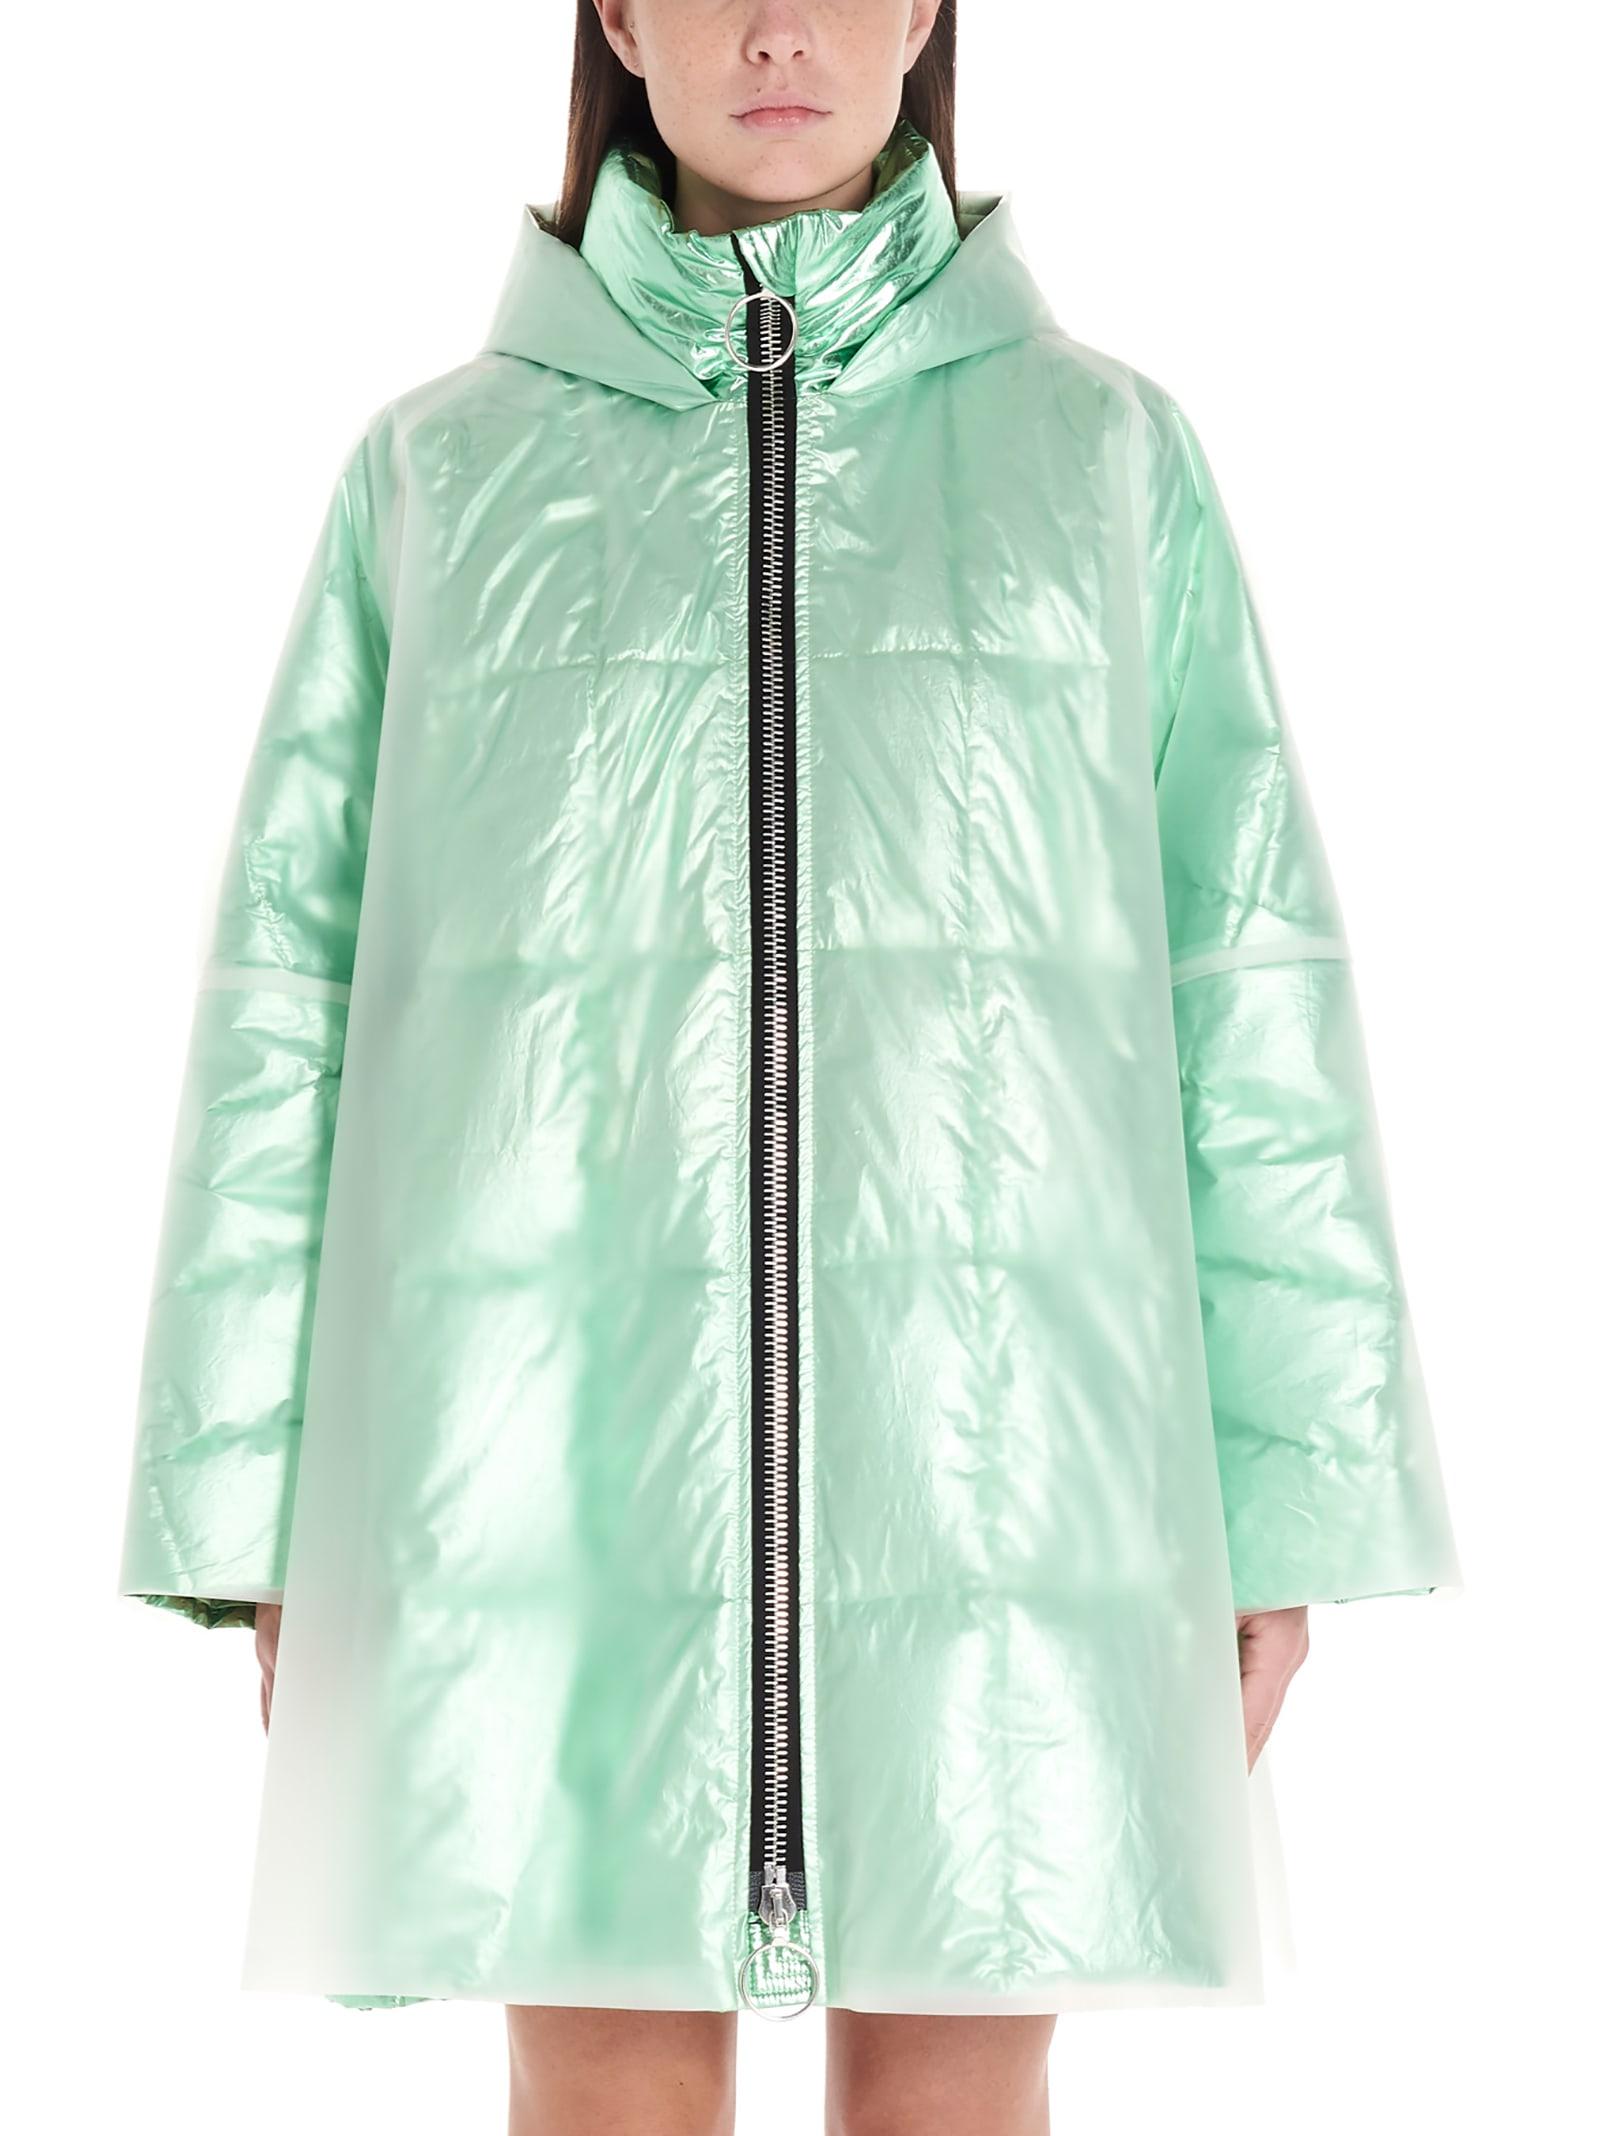 shiney Nylon Jacket